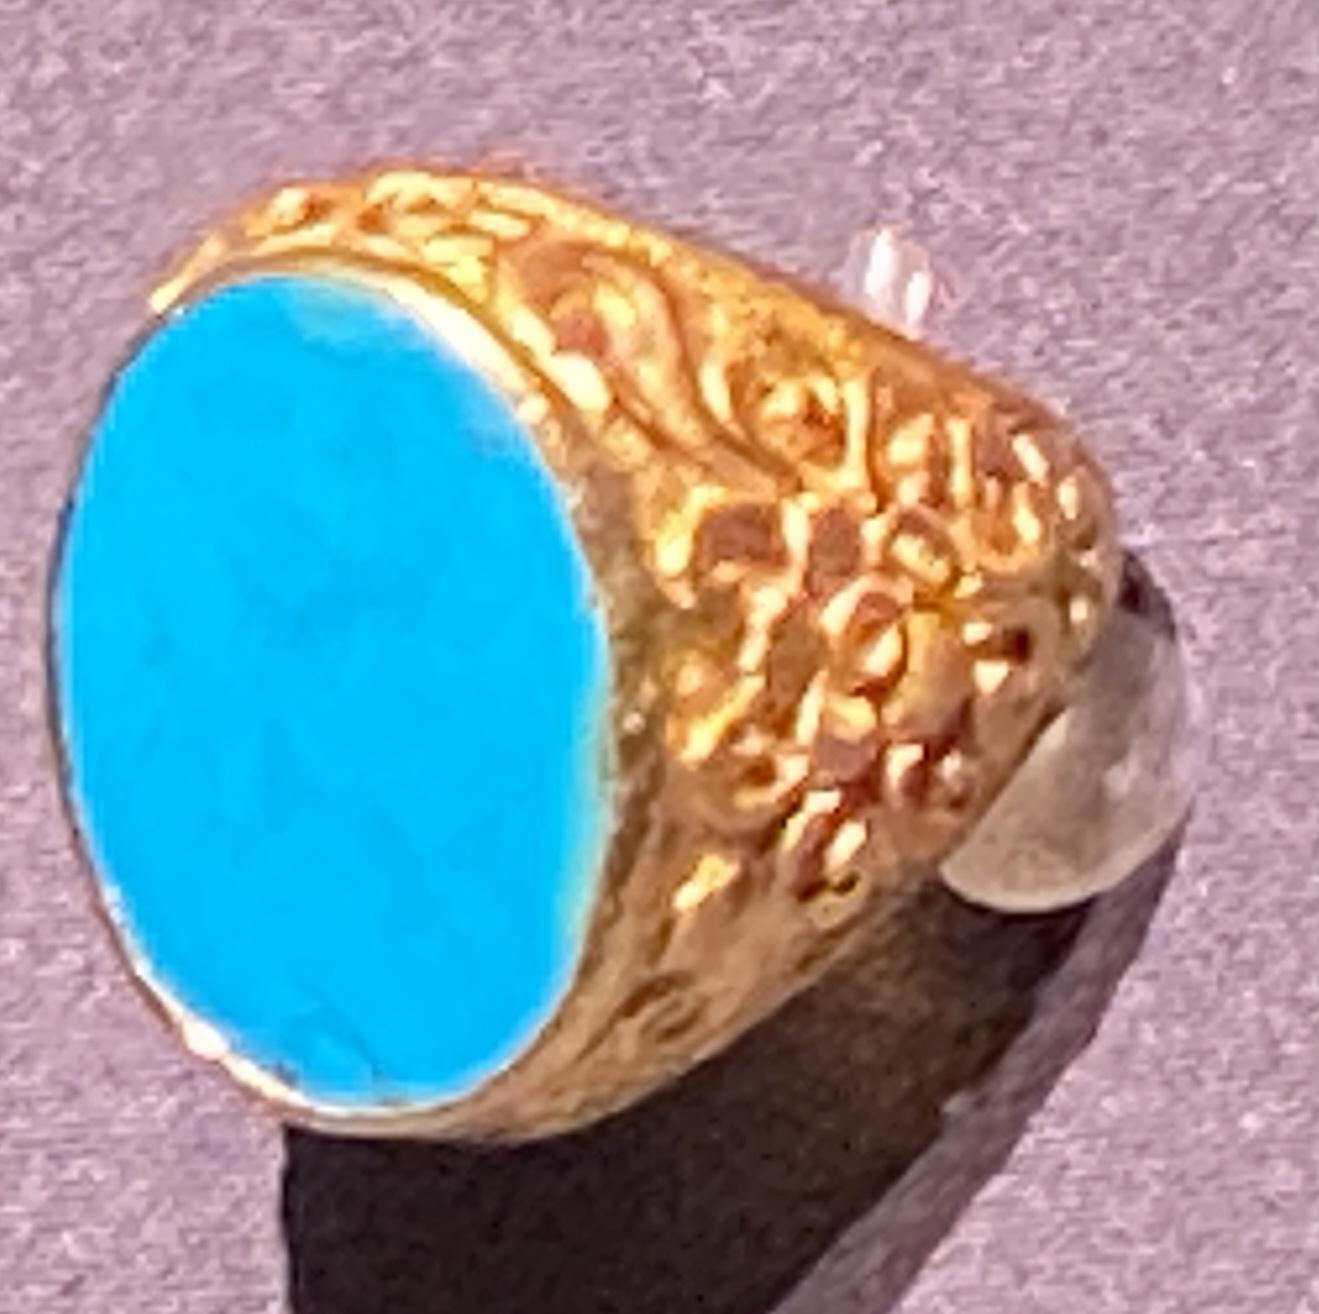 金嵌緑松石指輪-特別展【七宝玲瓏-ヒマラヤからの芸術珍品】-金沙遺跡博物館-成都